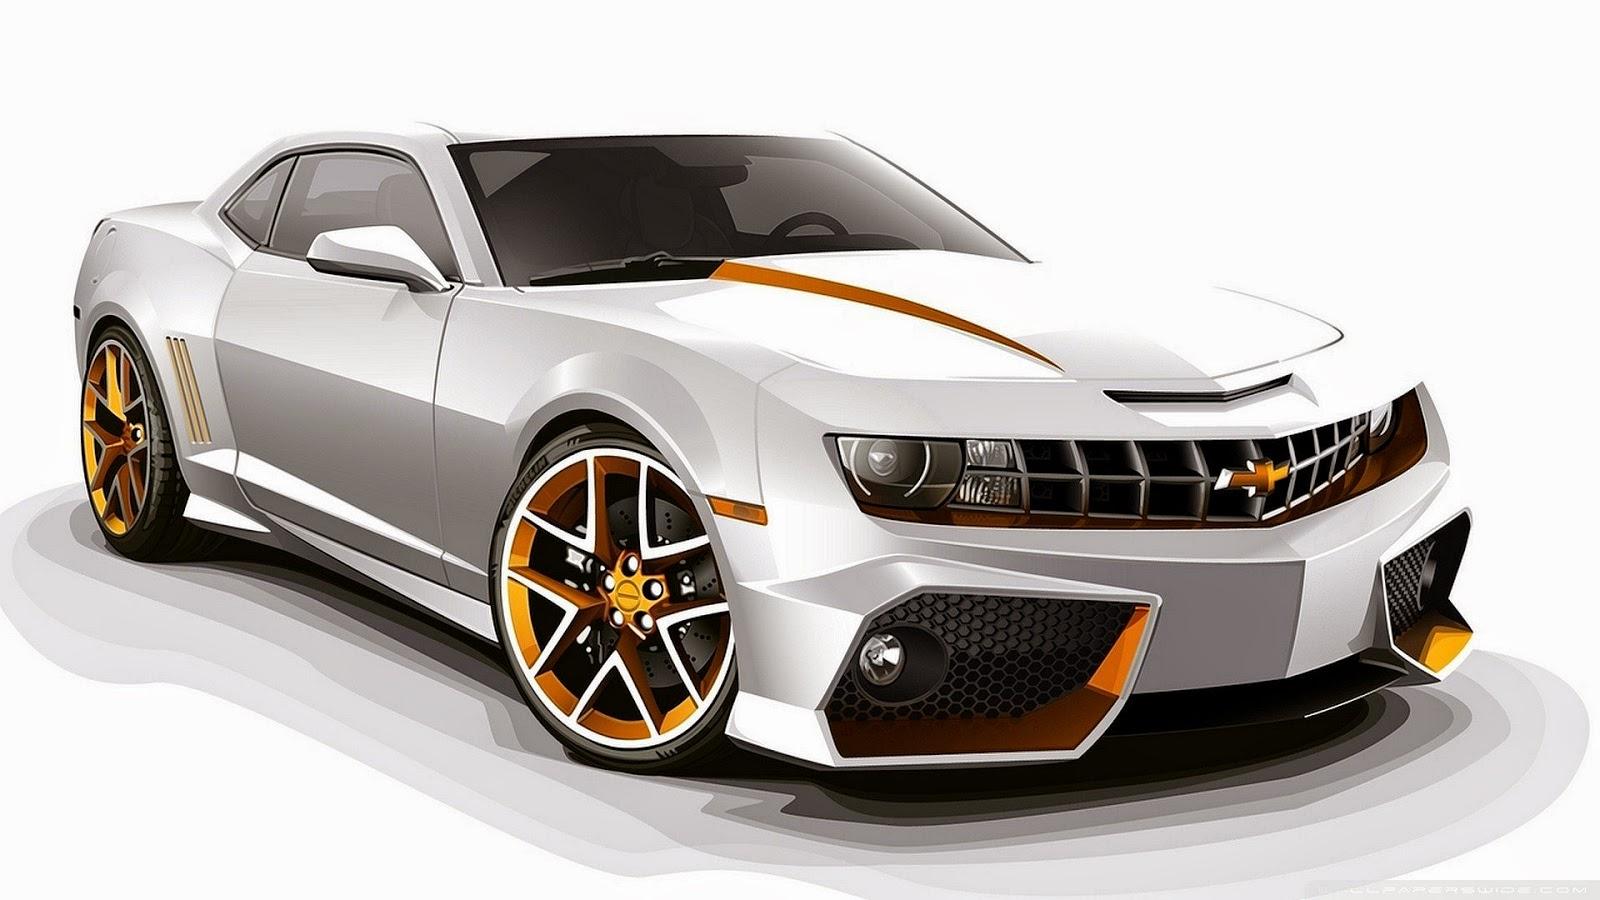 Carros de lujo - Image de cars ...